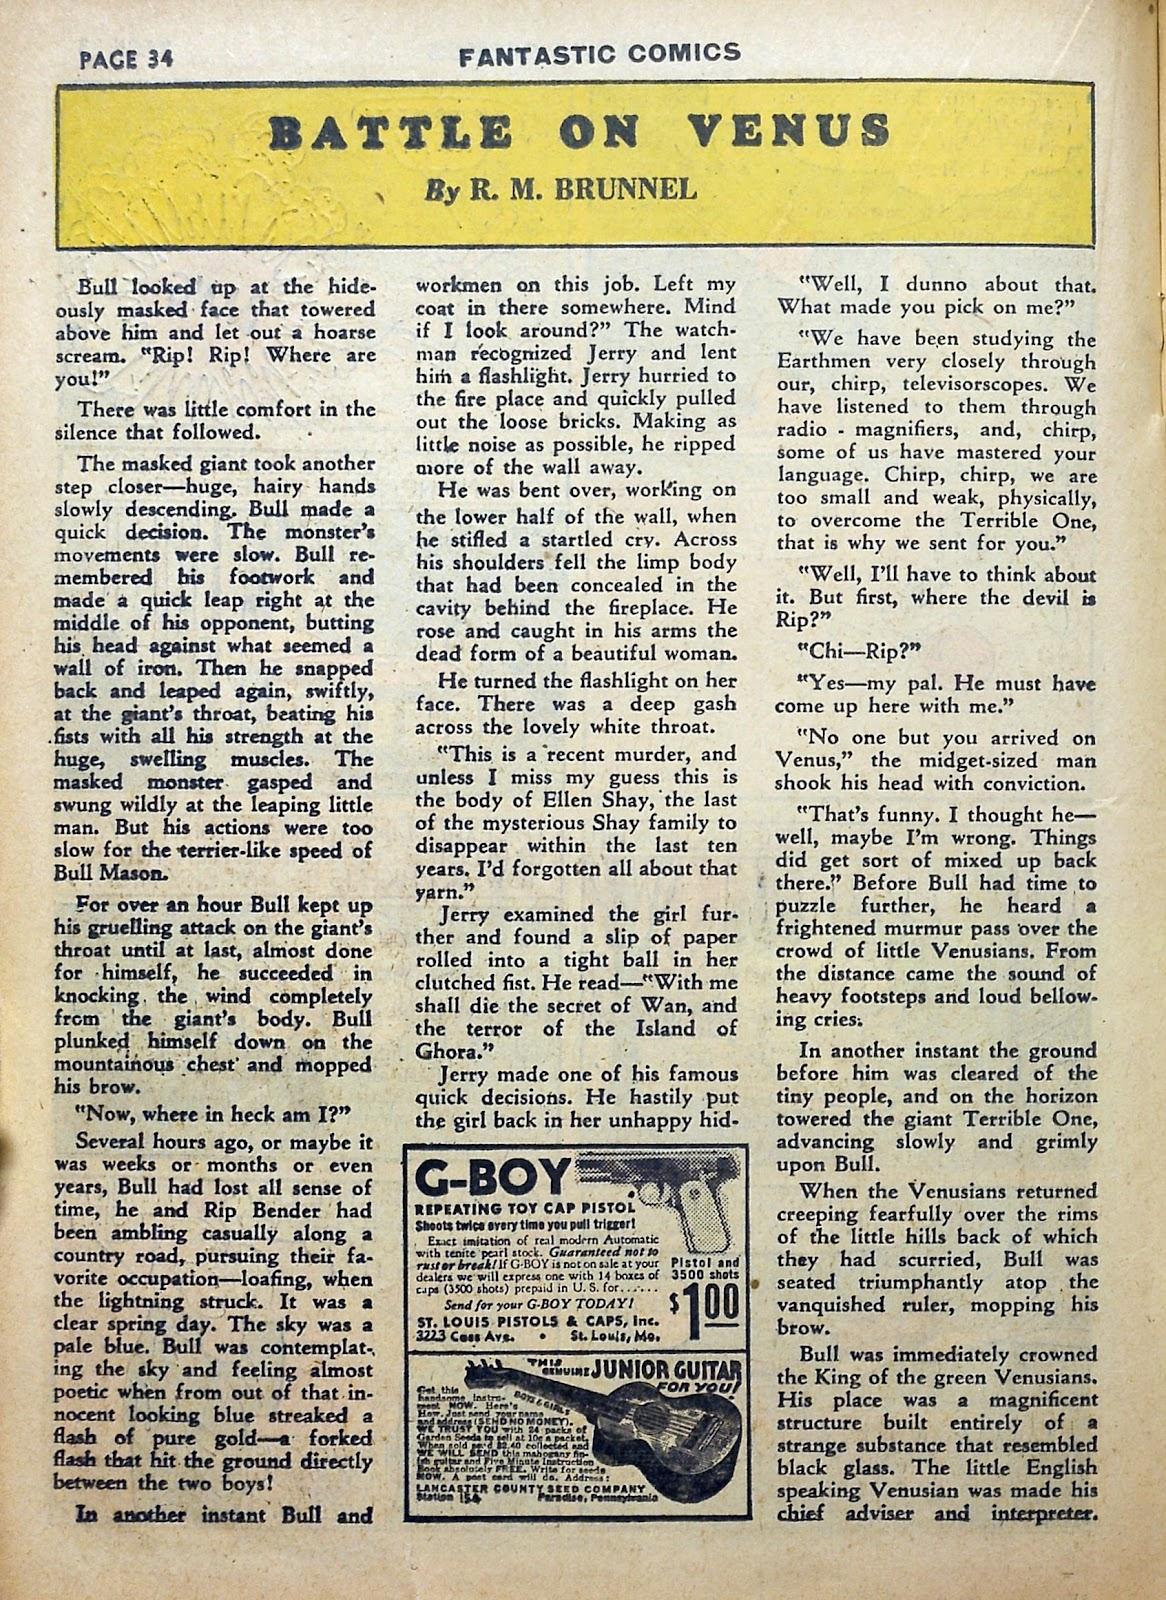 Read online Fantastic Comics comic -  Issue #5 - 35